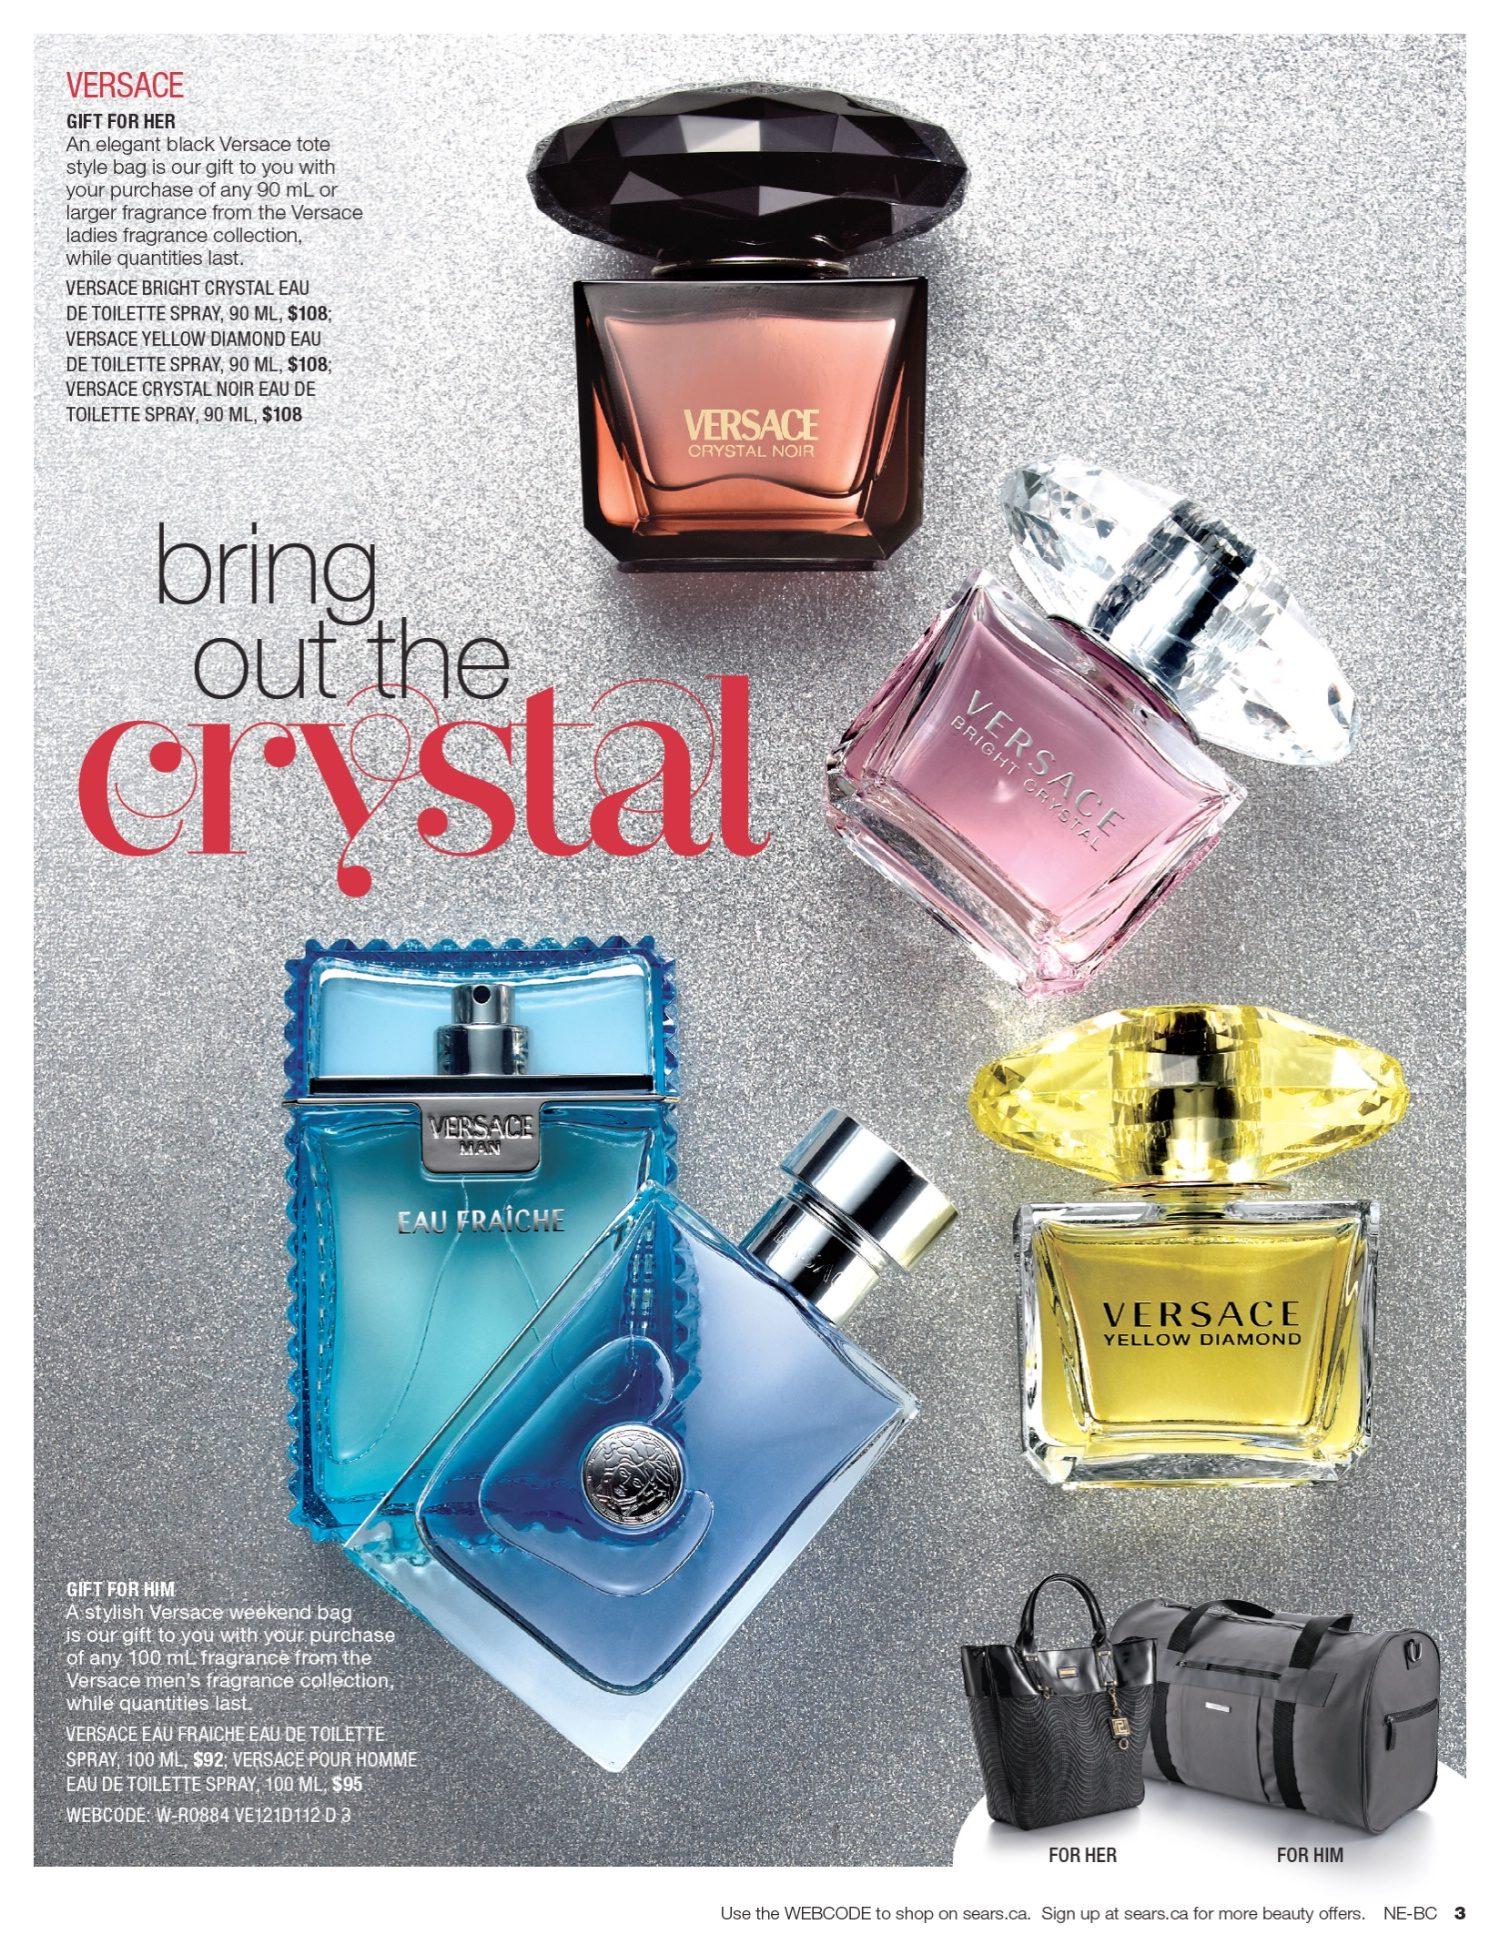 Sears Weekly Flyer - Holiday Cosmetics - Nov 30 – Dec 24 - RedFlagDeals.com 2e0527886a1